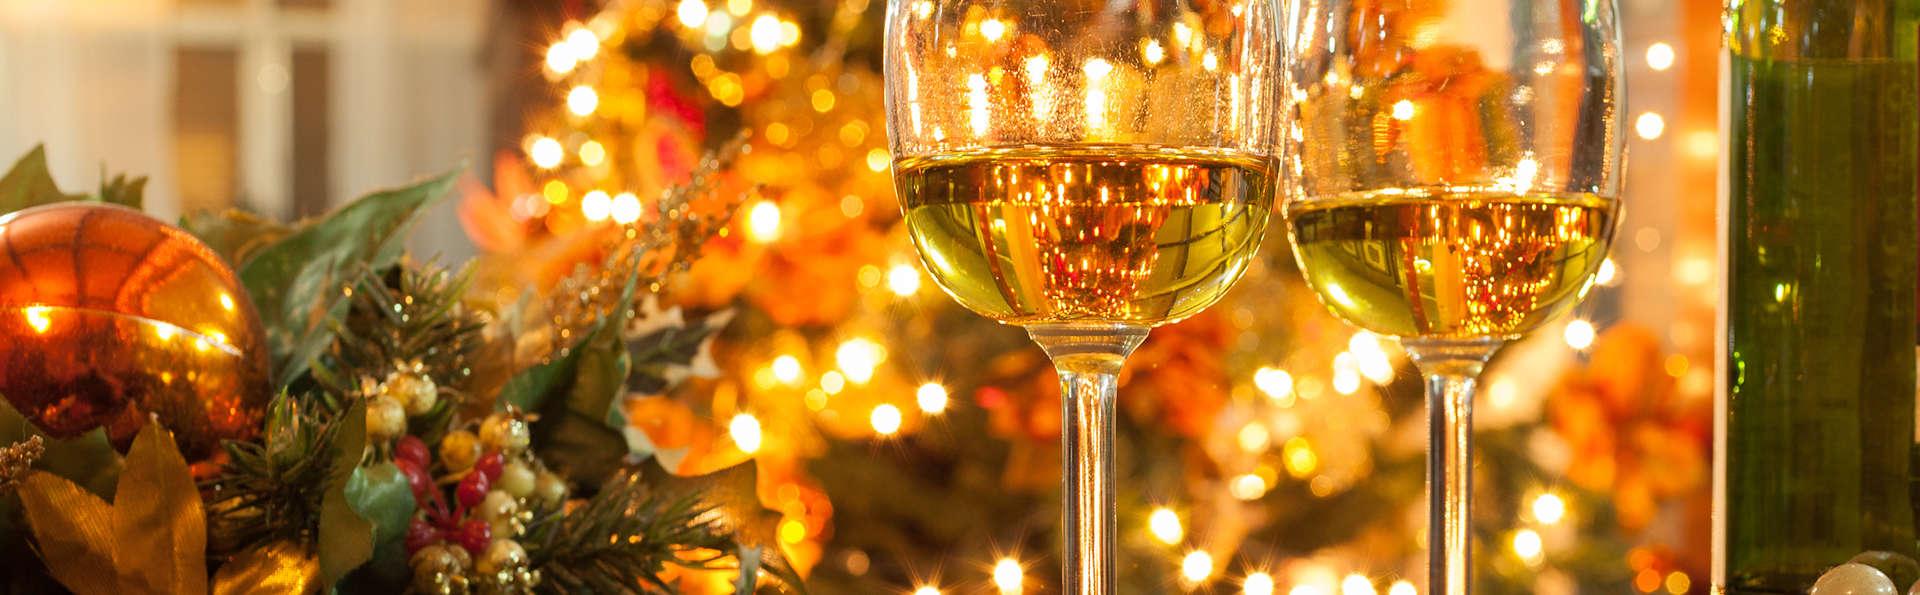 Vive una cálida y culinaria Navidad en el Mosela (3 noches)